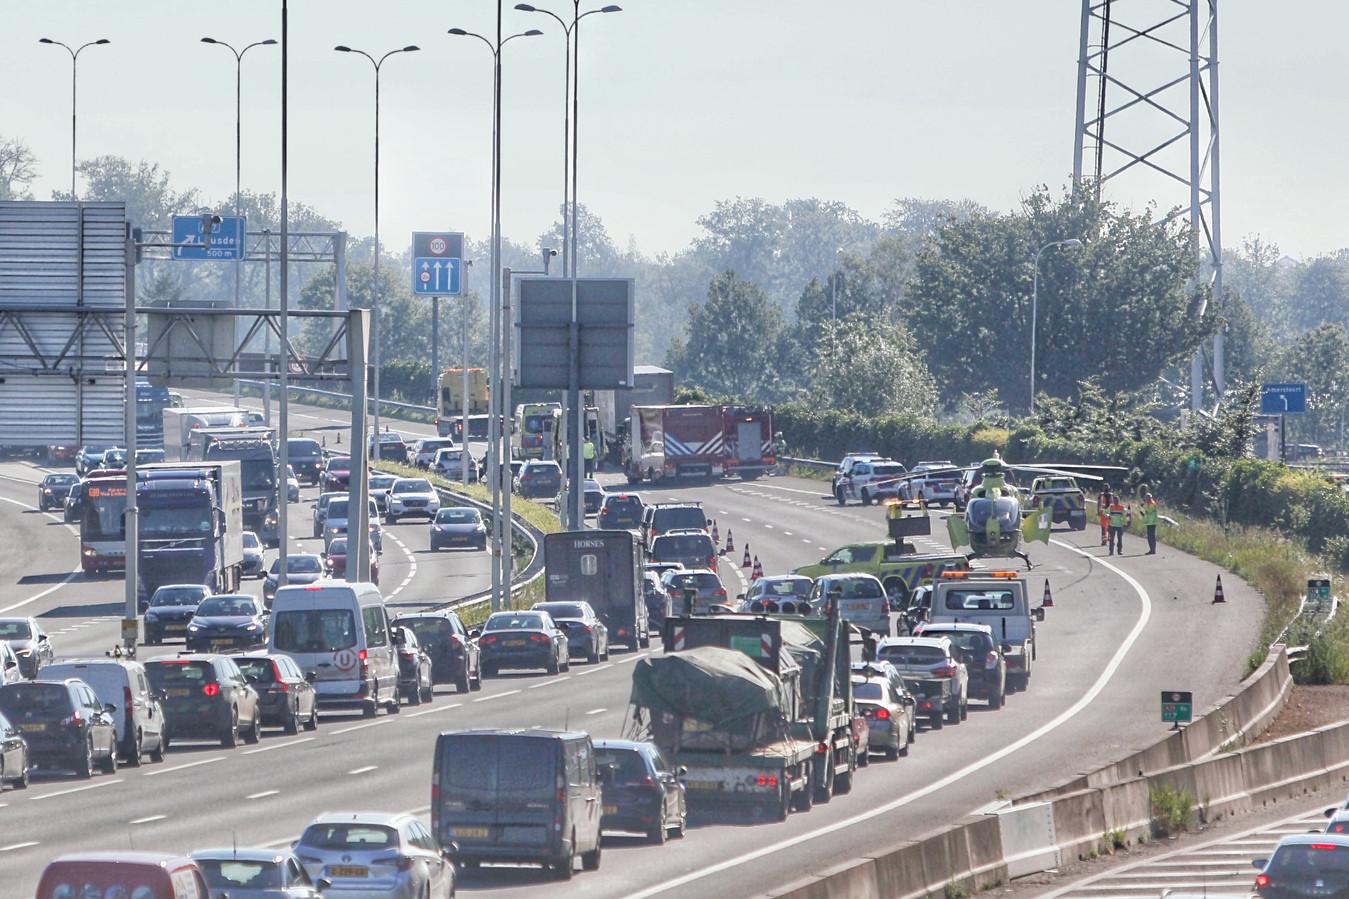 Er ontstond een lange file door het ongeluk. Een traumaheli landde op de snelweg.